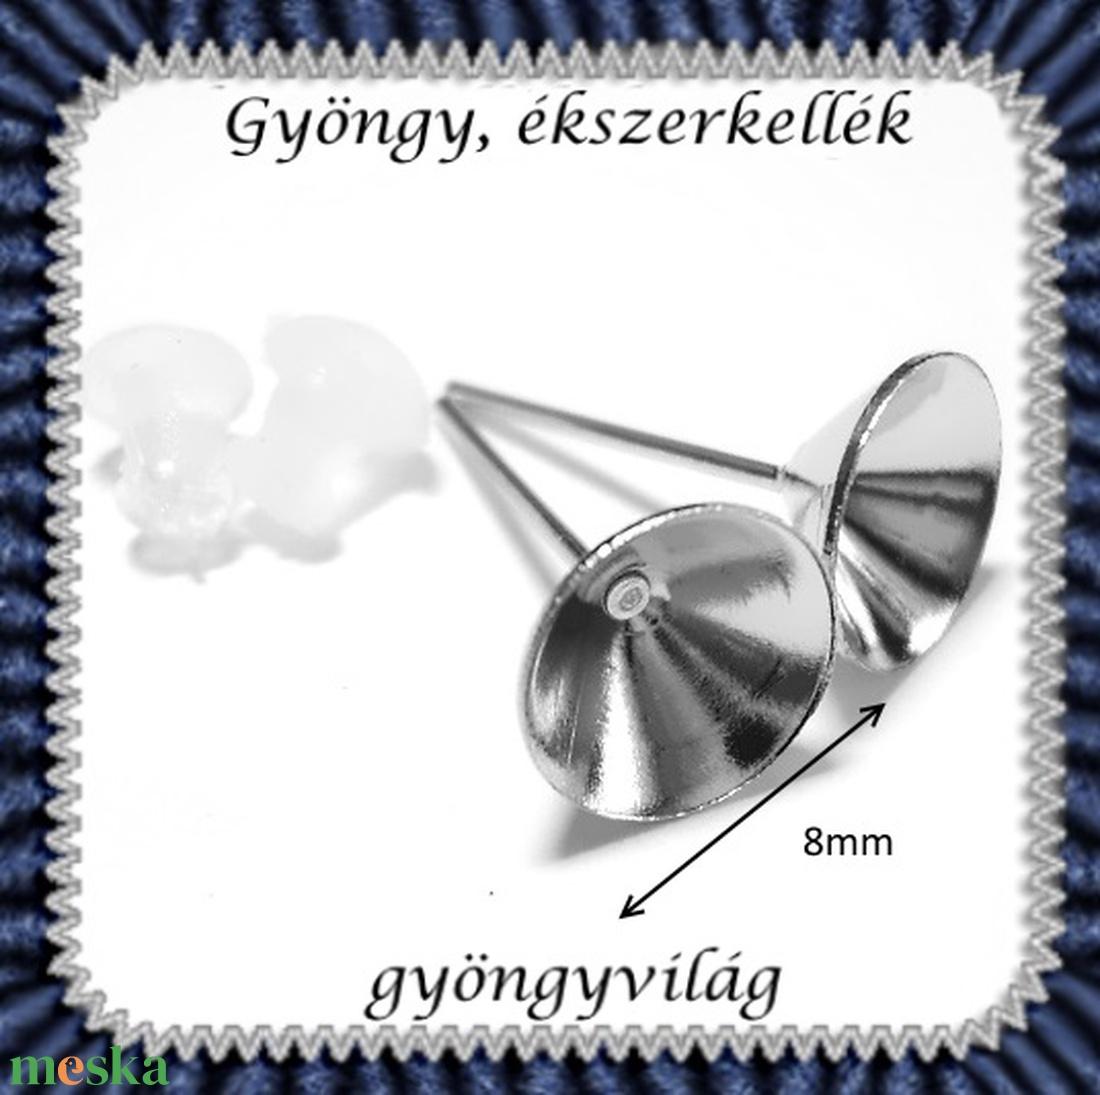 Kristály rivoli  8mm-es  4 db/cs  ÜGY-RI08 - gyöngy, ékszerkellék - swarovski kristályok - Meska.hu